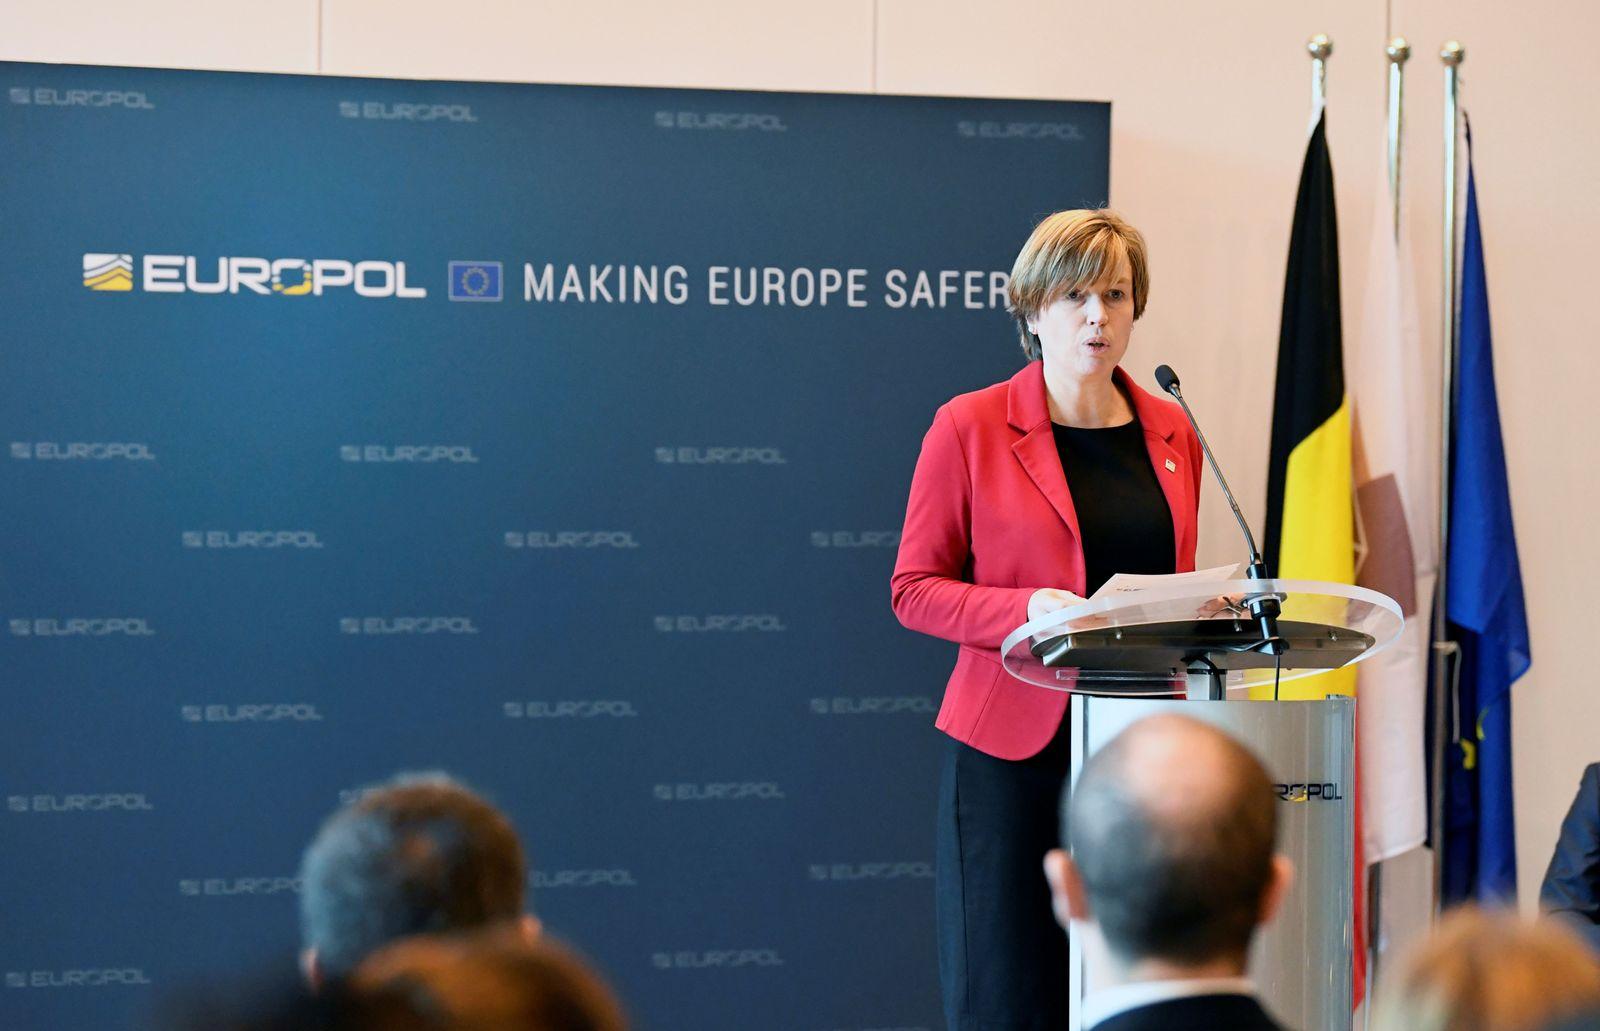 EUROPOL-CYBER/ISLAMIC STATE